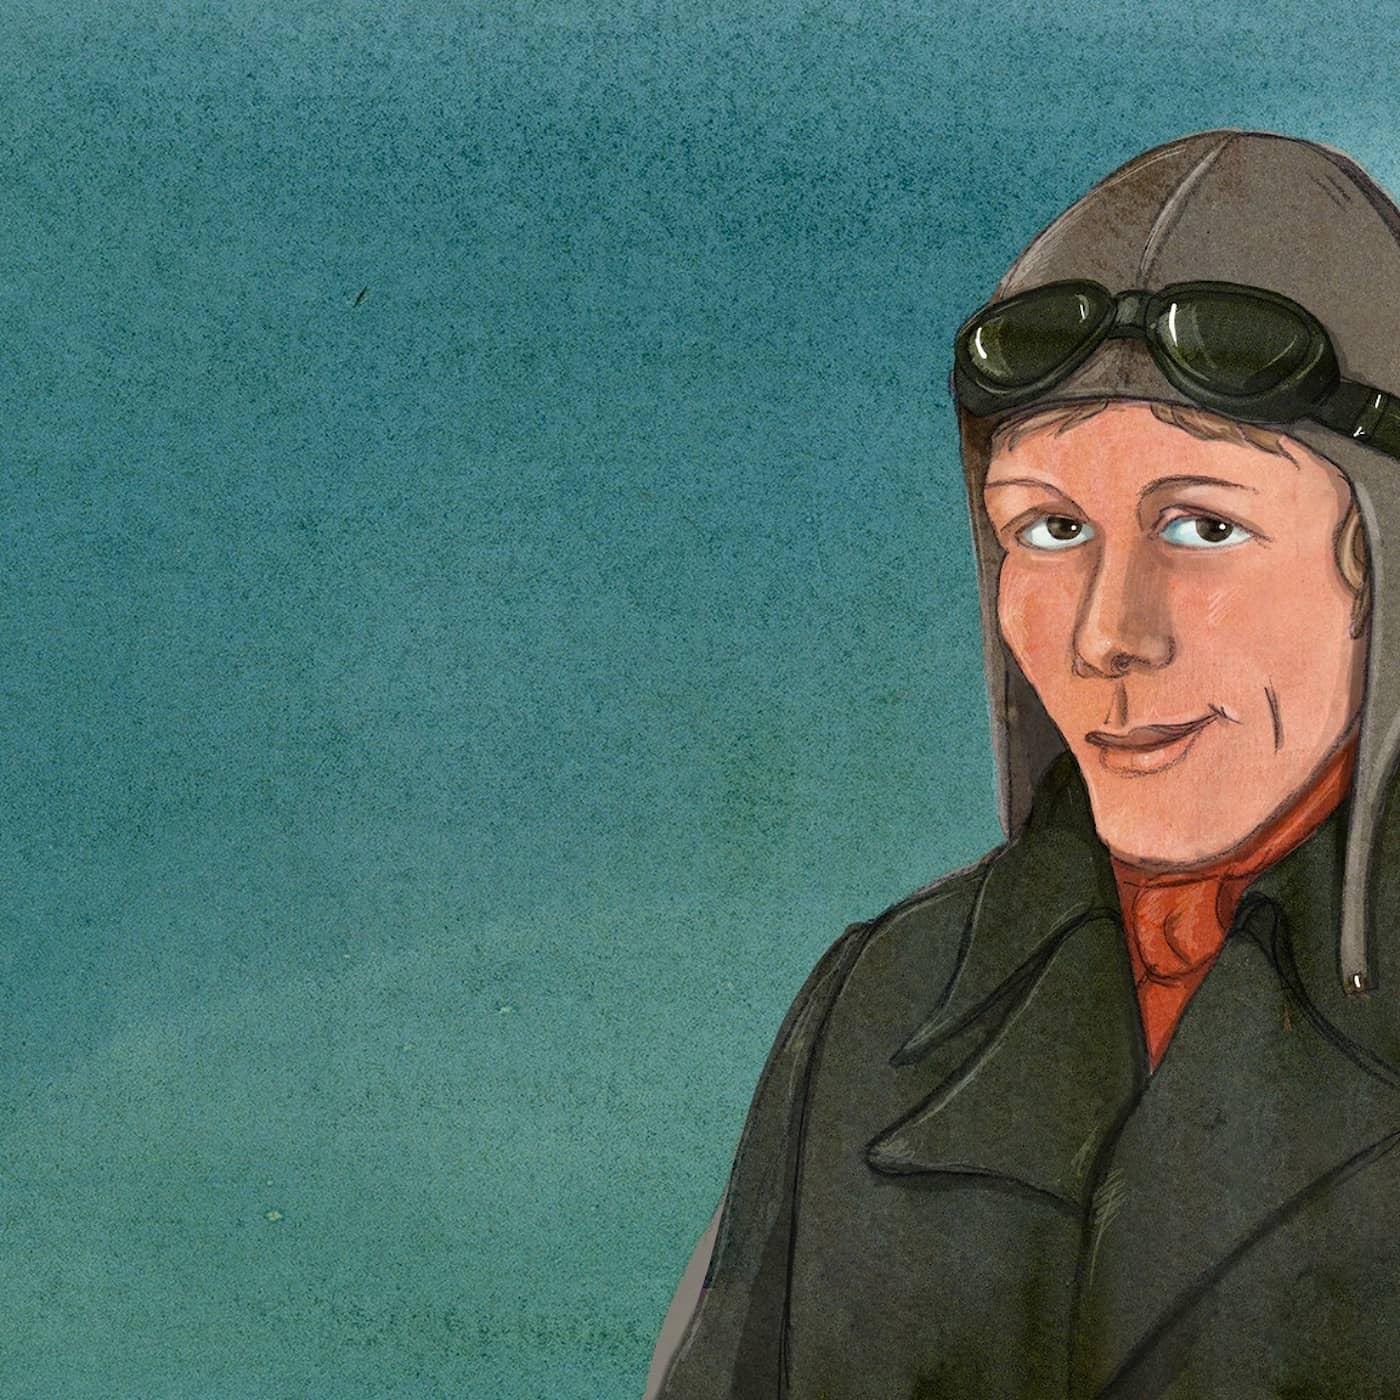 Amelia Earhart - piloten som tog kvinnors frihet till nya höjder